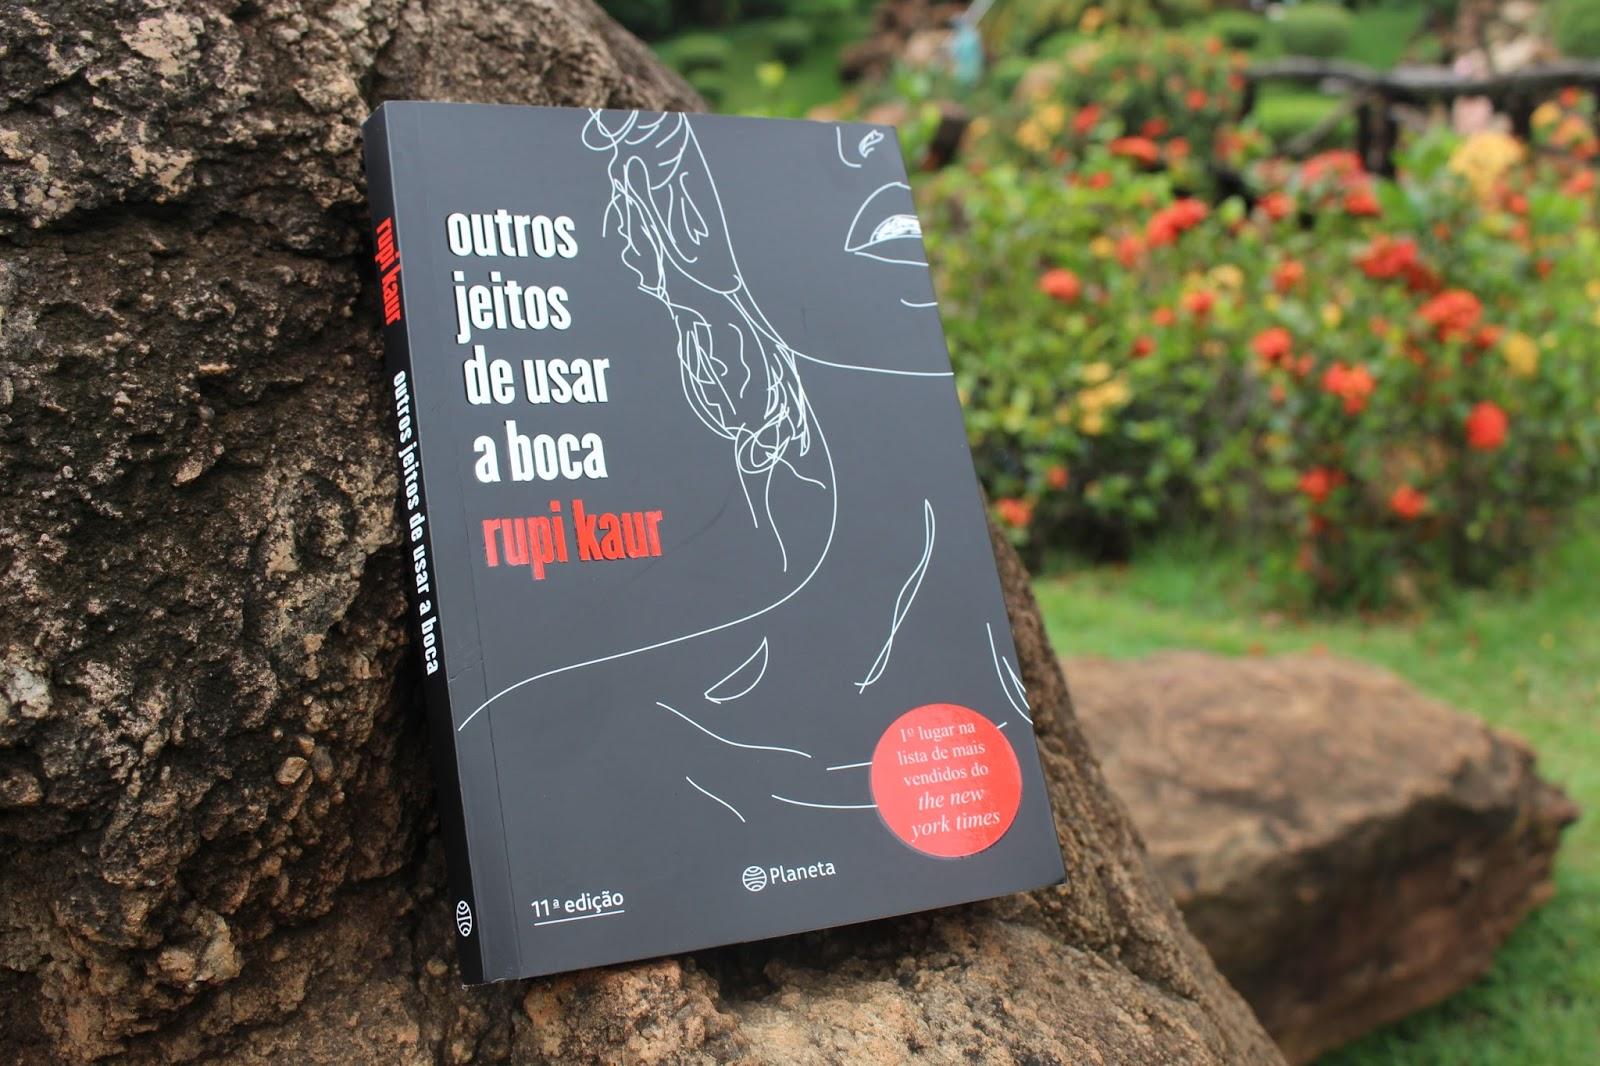 Universo Dos Leitores Outros Jeitos De Usar A Boca De Rupi Kaur